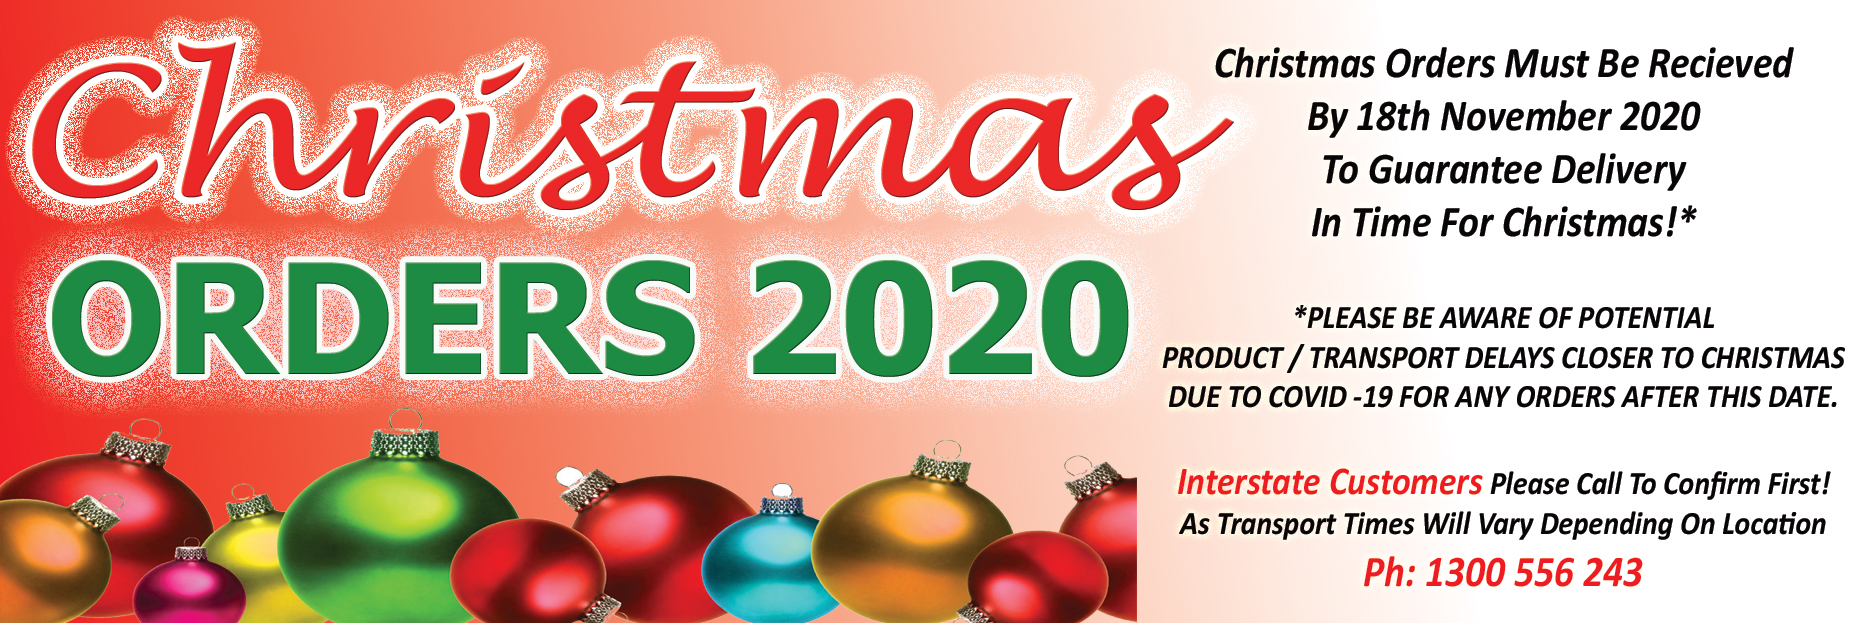 christmas-orders-2020.jpg